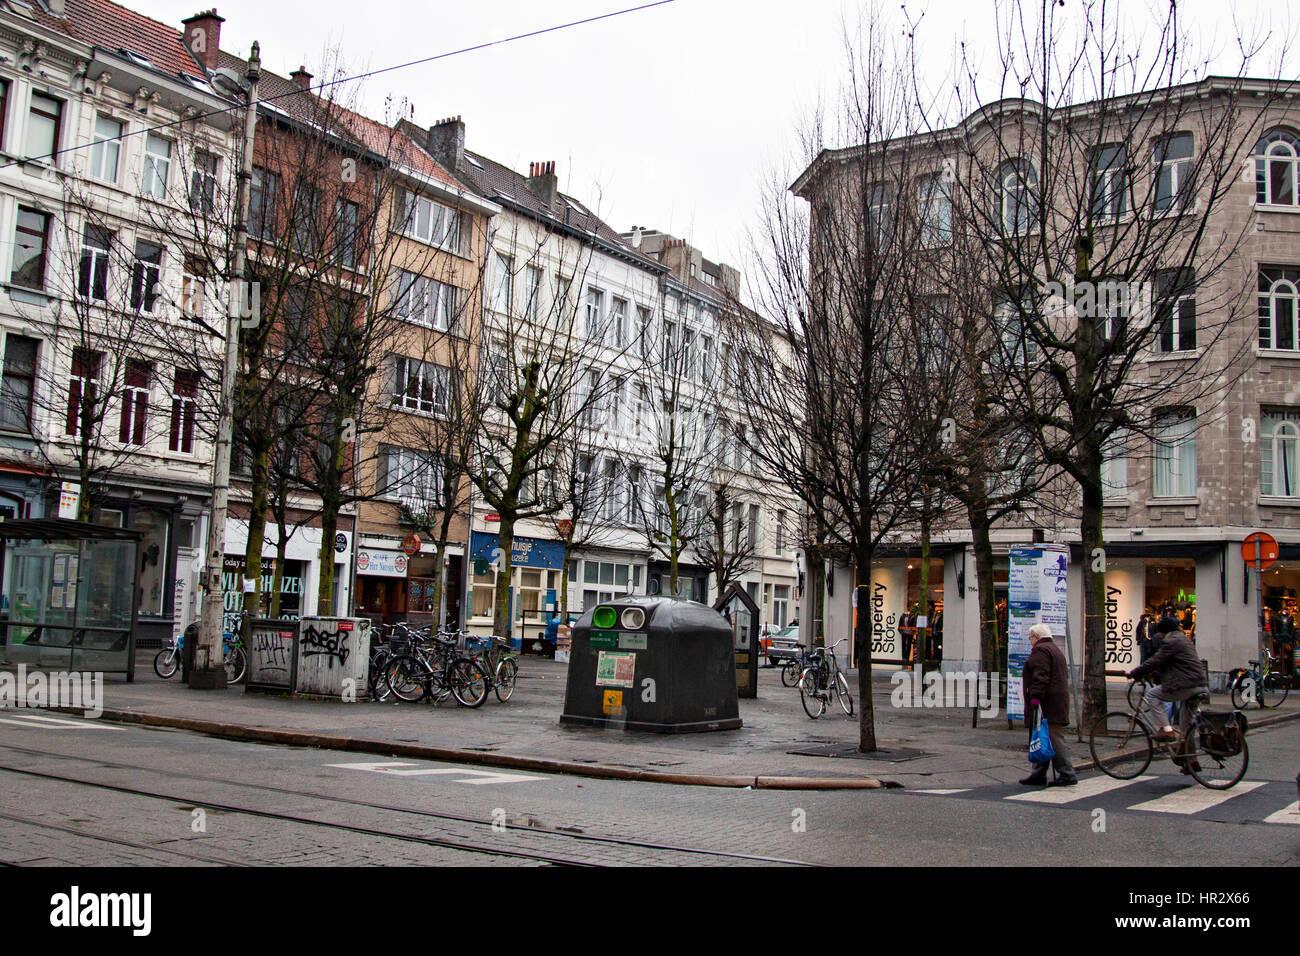 Old Town of  Antwerpen, Belgium Stock Photo